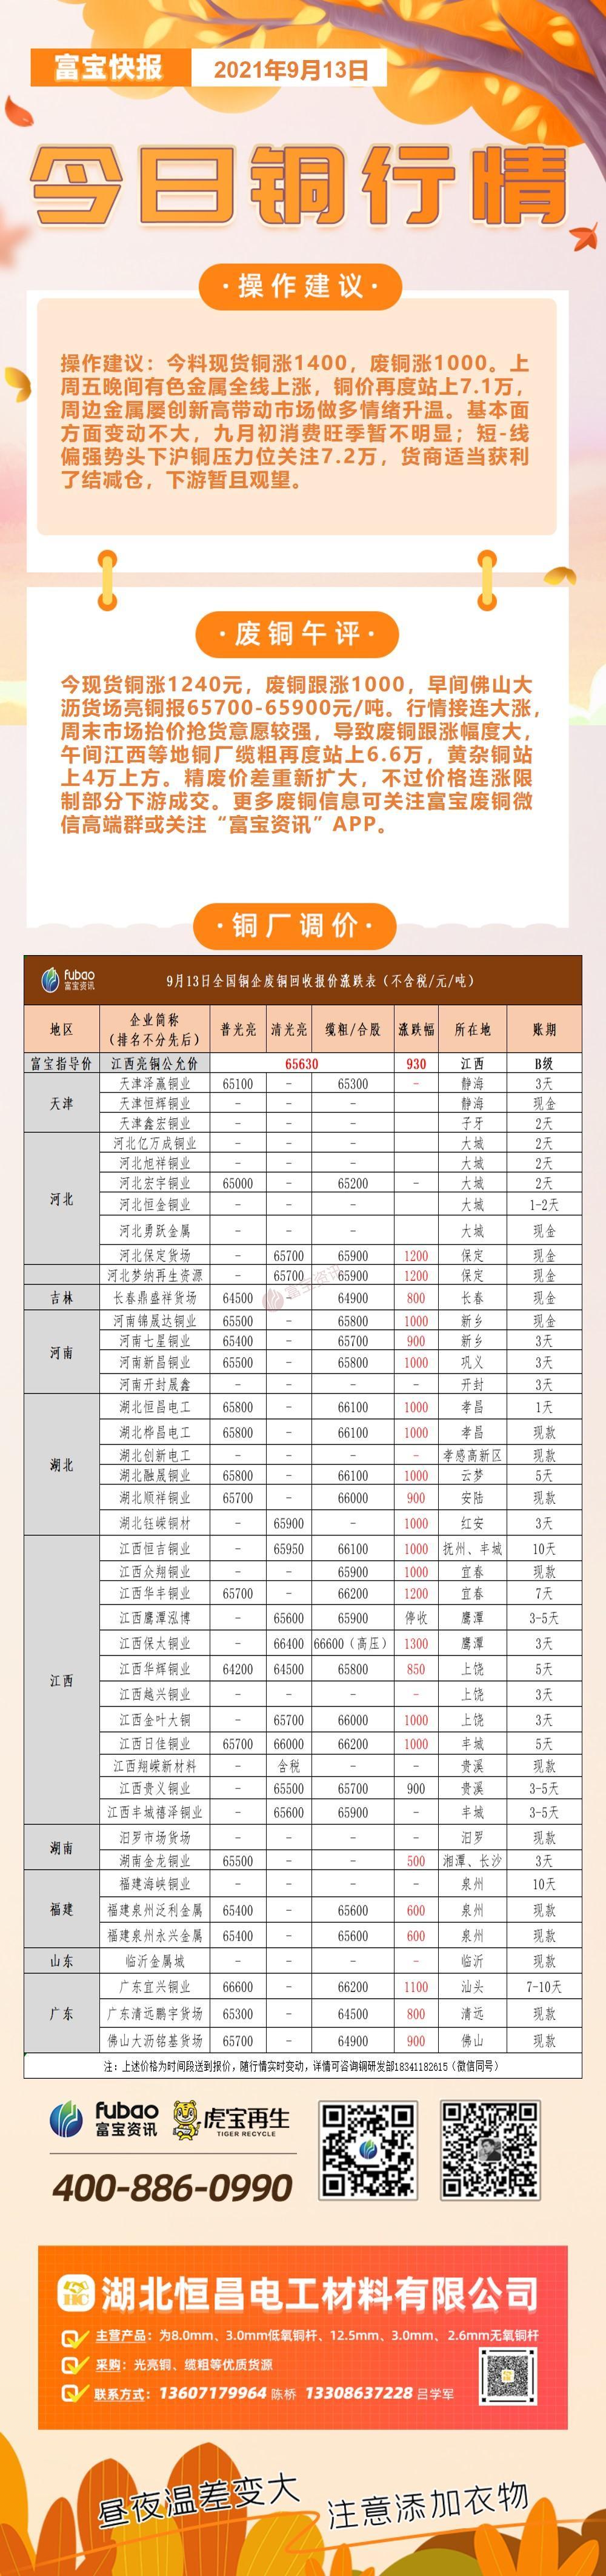 富寶獨家:9月13日部分銅廠光亮銅/纜粗采購價(全新改版,增加賬期)